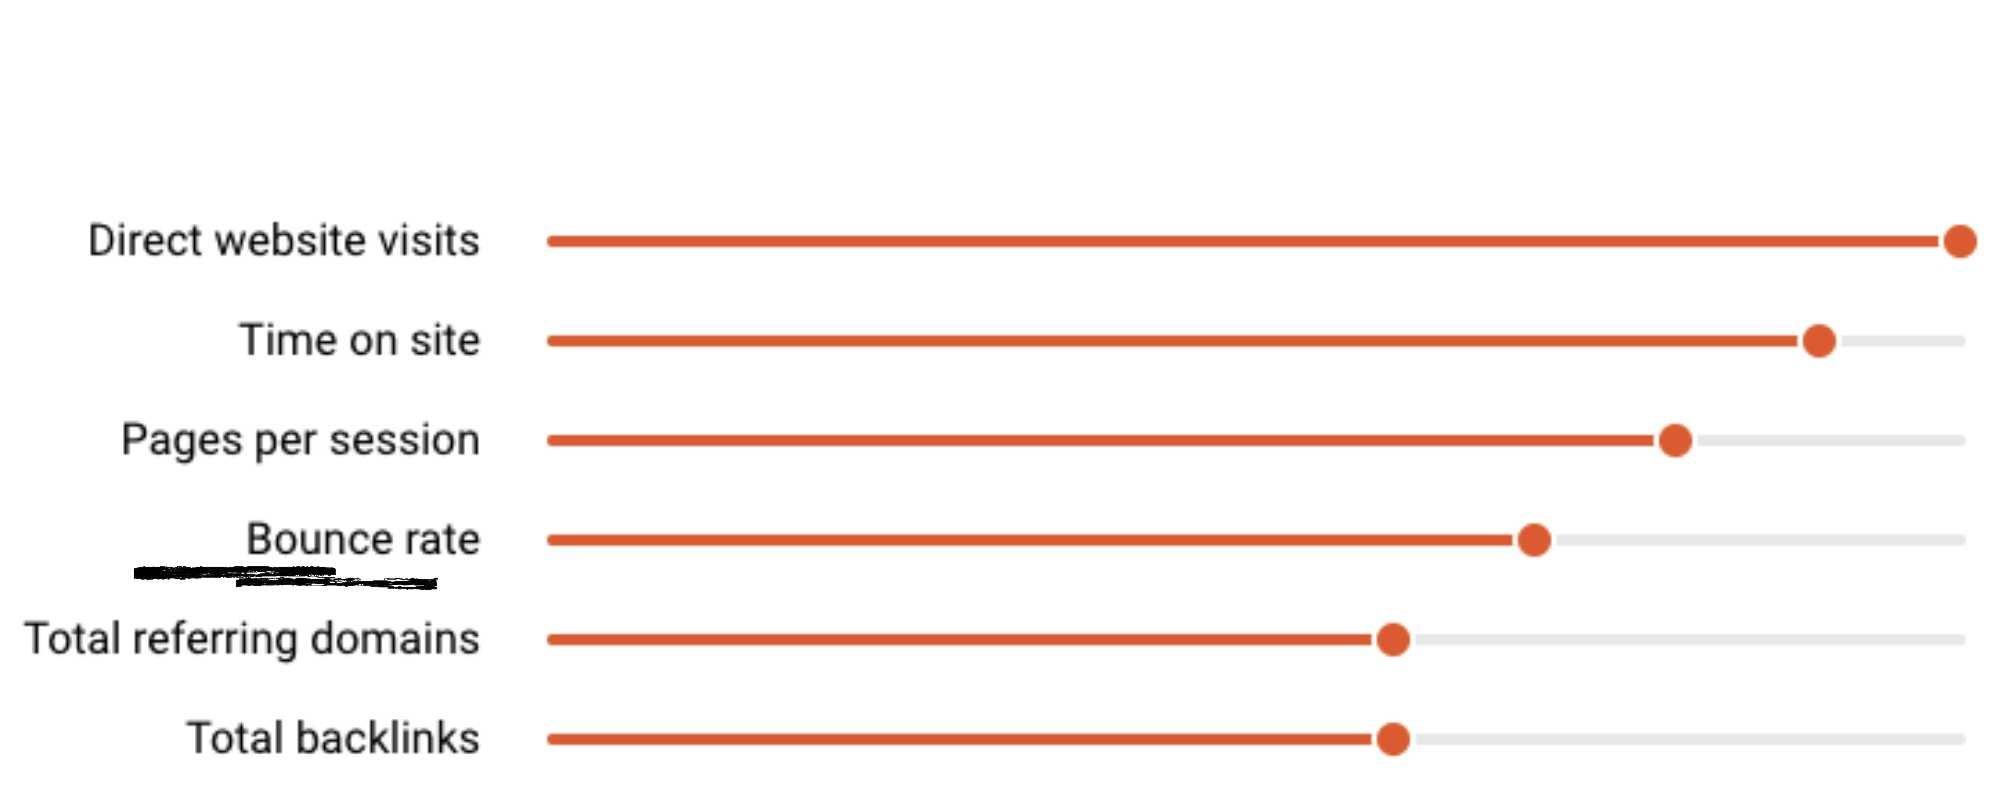 hemen çıkma oranı önemli( kaynak: https://www.semrush.com/ranking-factors/)